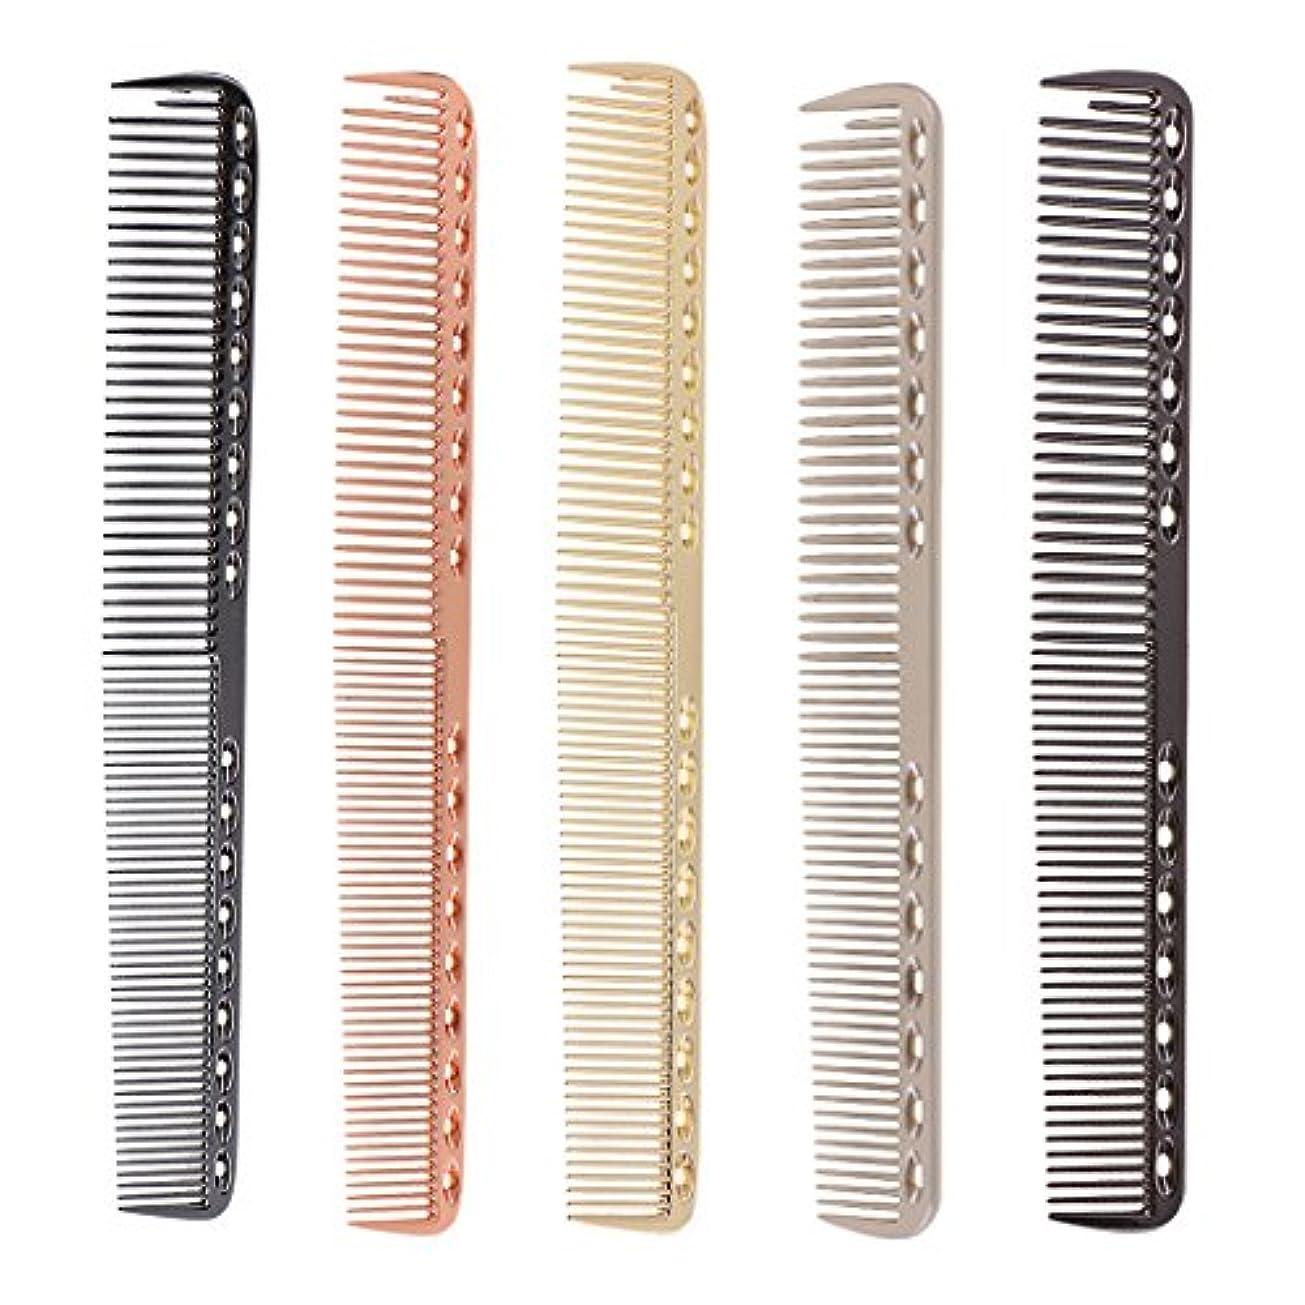 視聴者予測するすきKesoto 5個入り 髪の櫛 櫛 超軽量 アルミ サロン 理髪師 ヘアカット ヘアカッティング